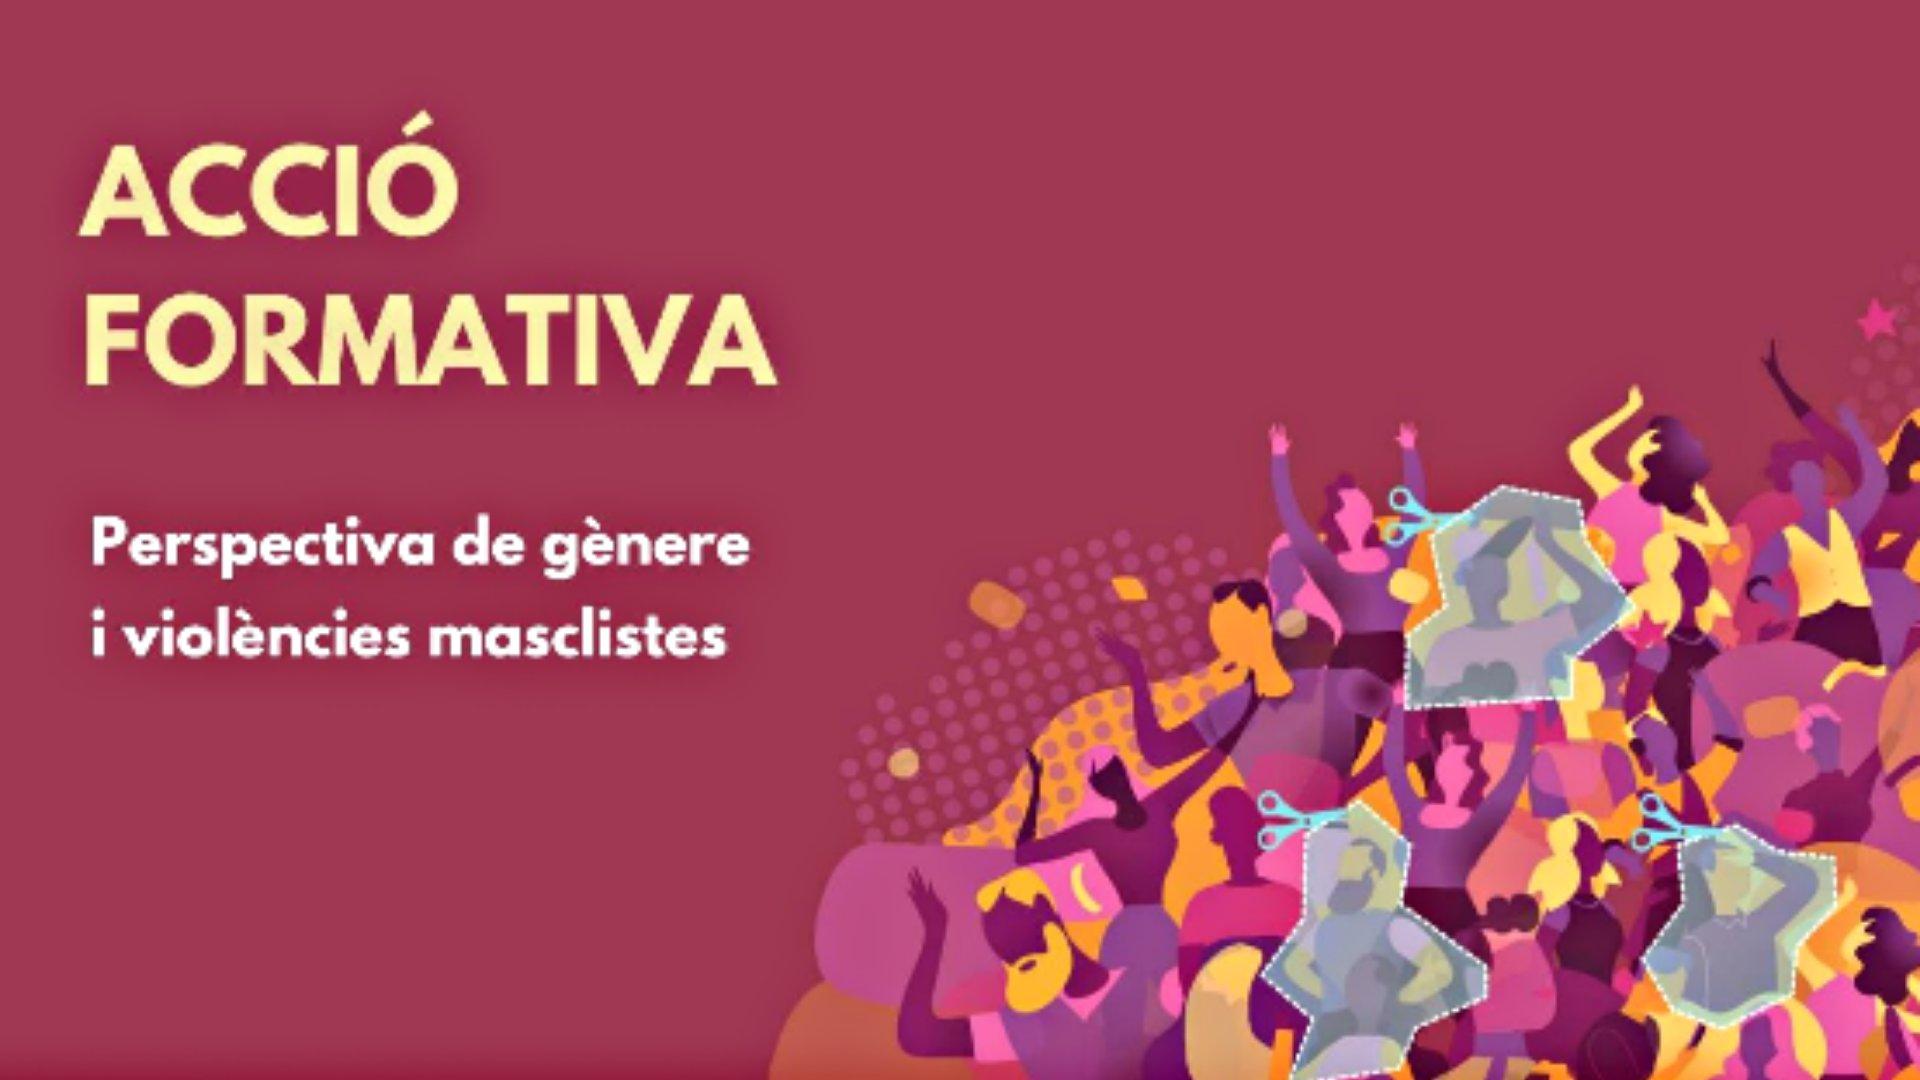 Curs sobre violències masclistes i sexuals en contextos d'oci i universitaris a la URV // On line